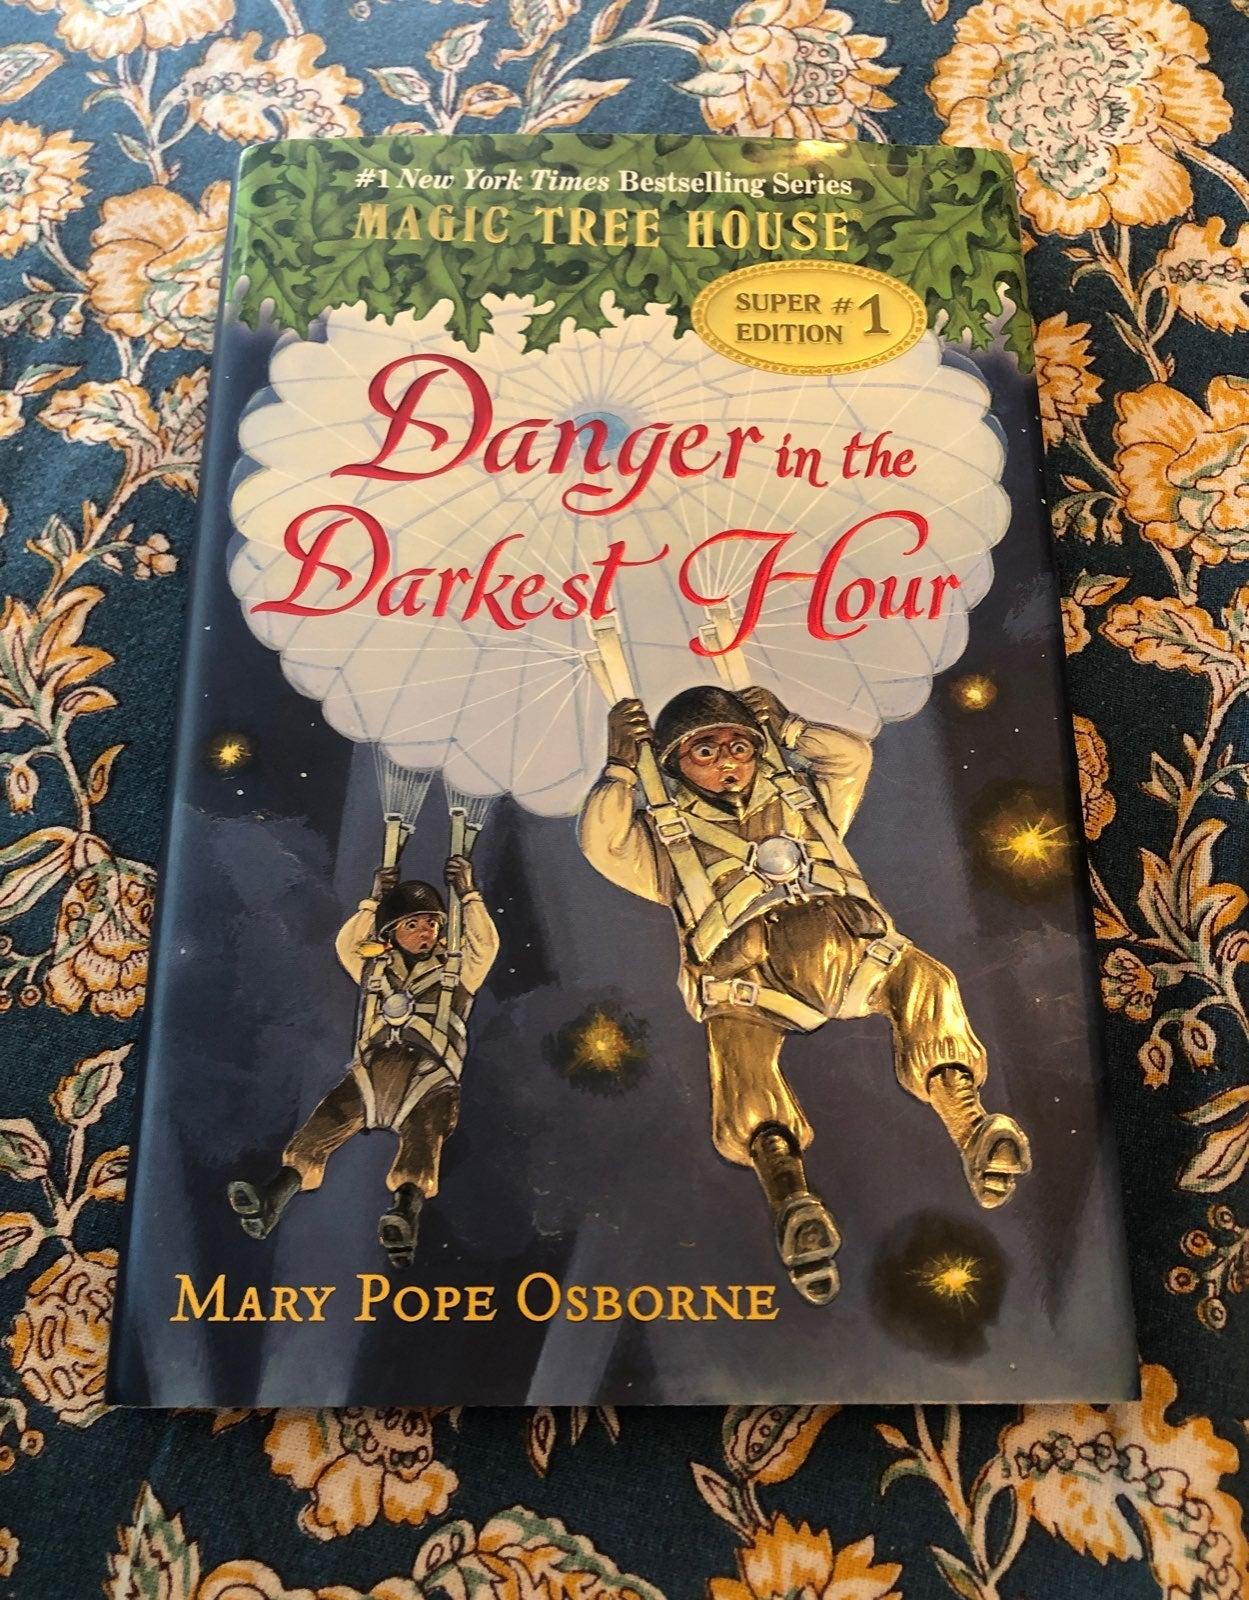 magic tree house books